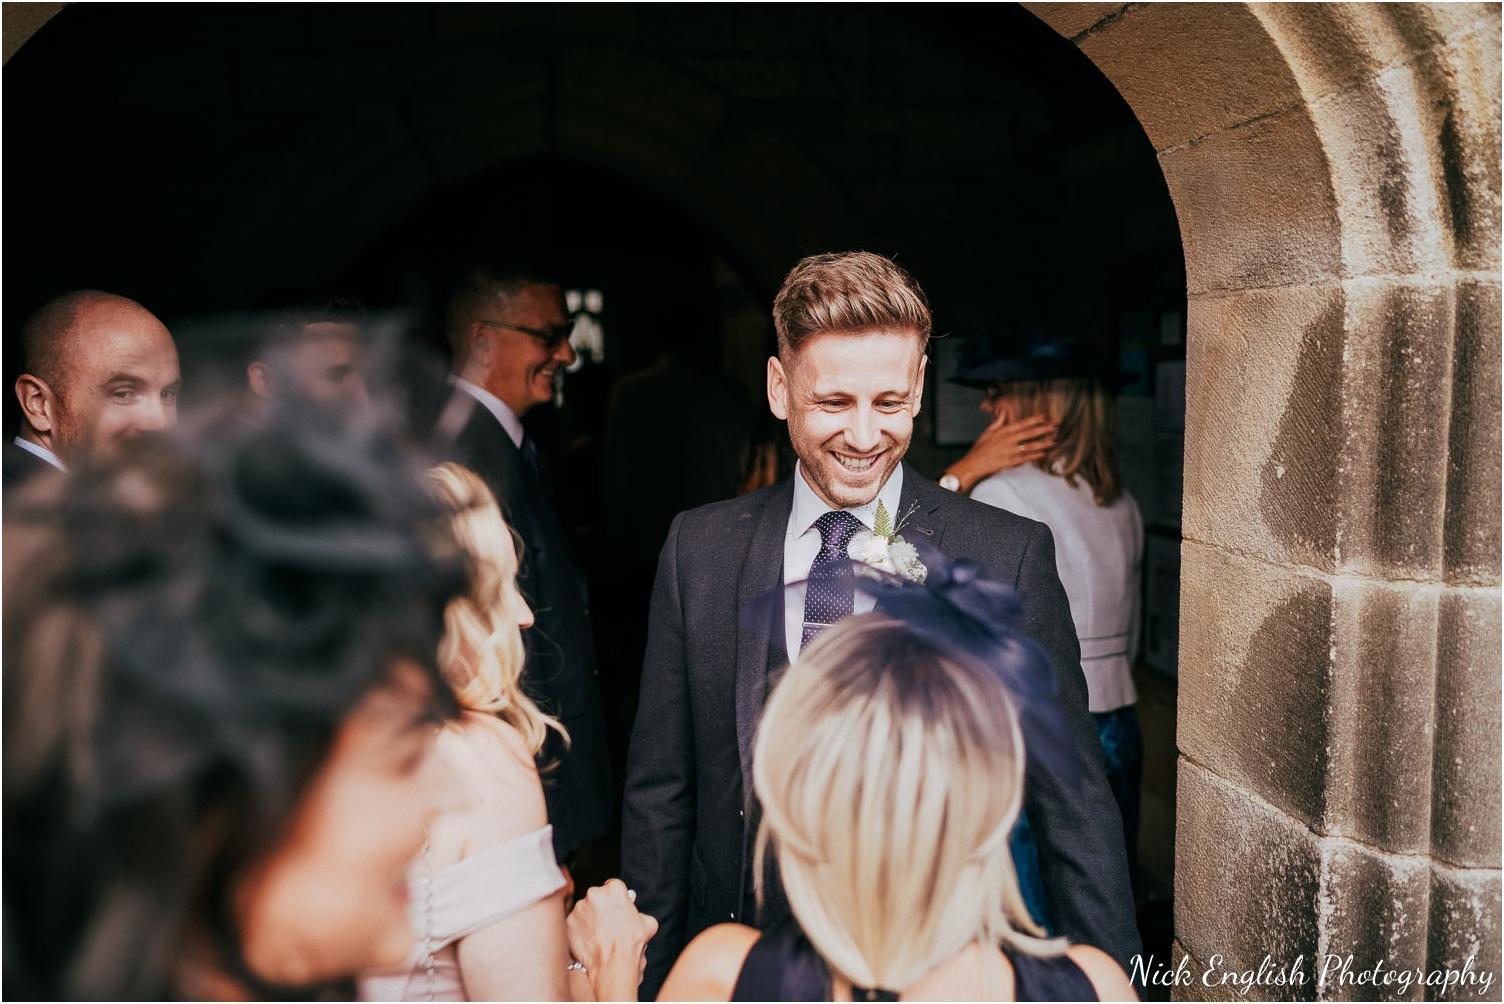 Browsholme_Hall_Barn_Wedding_Nick_English_Photography-26.jpg